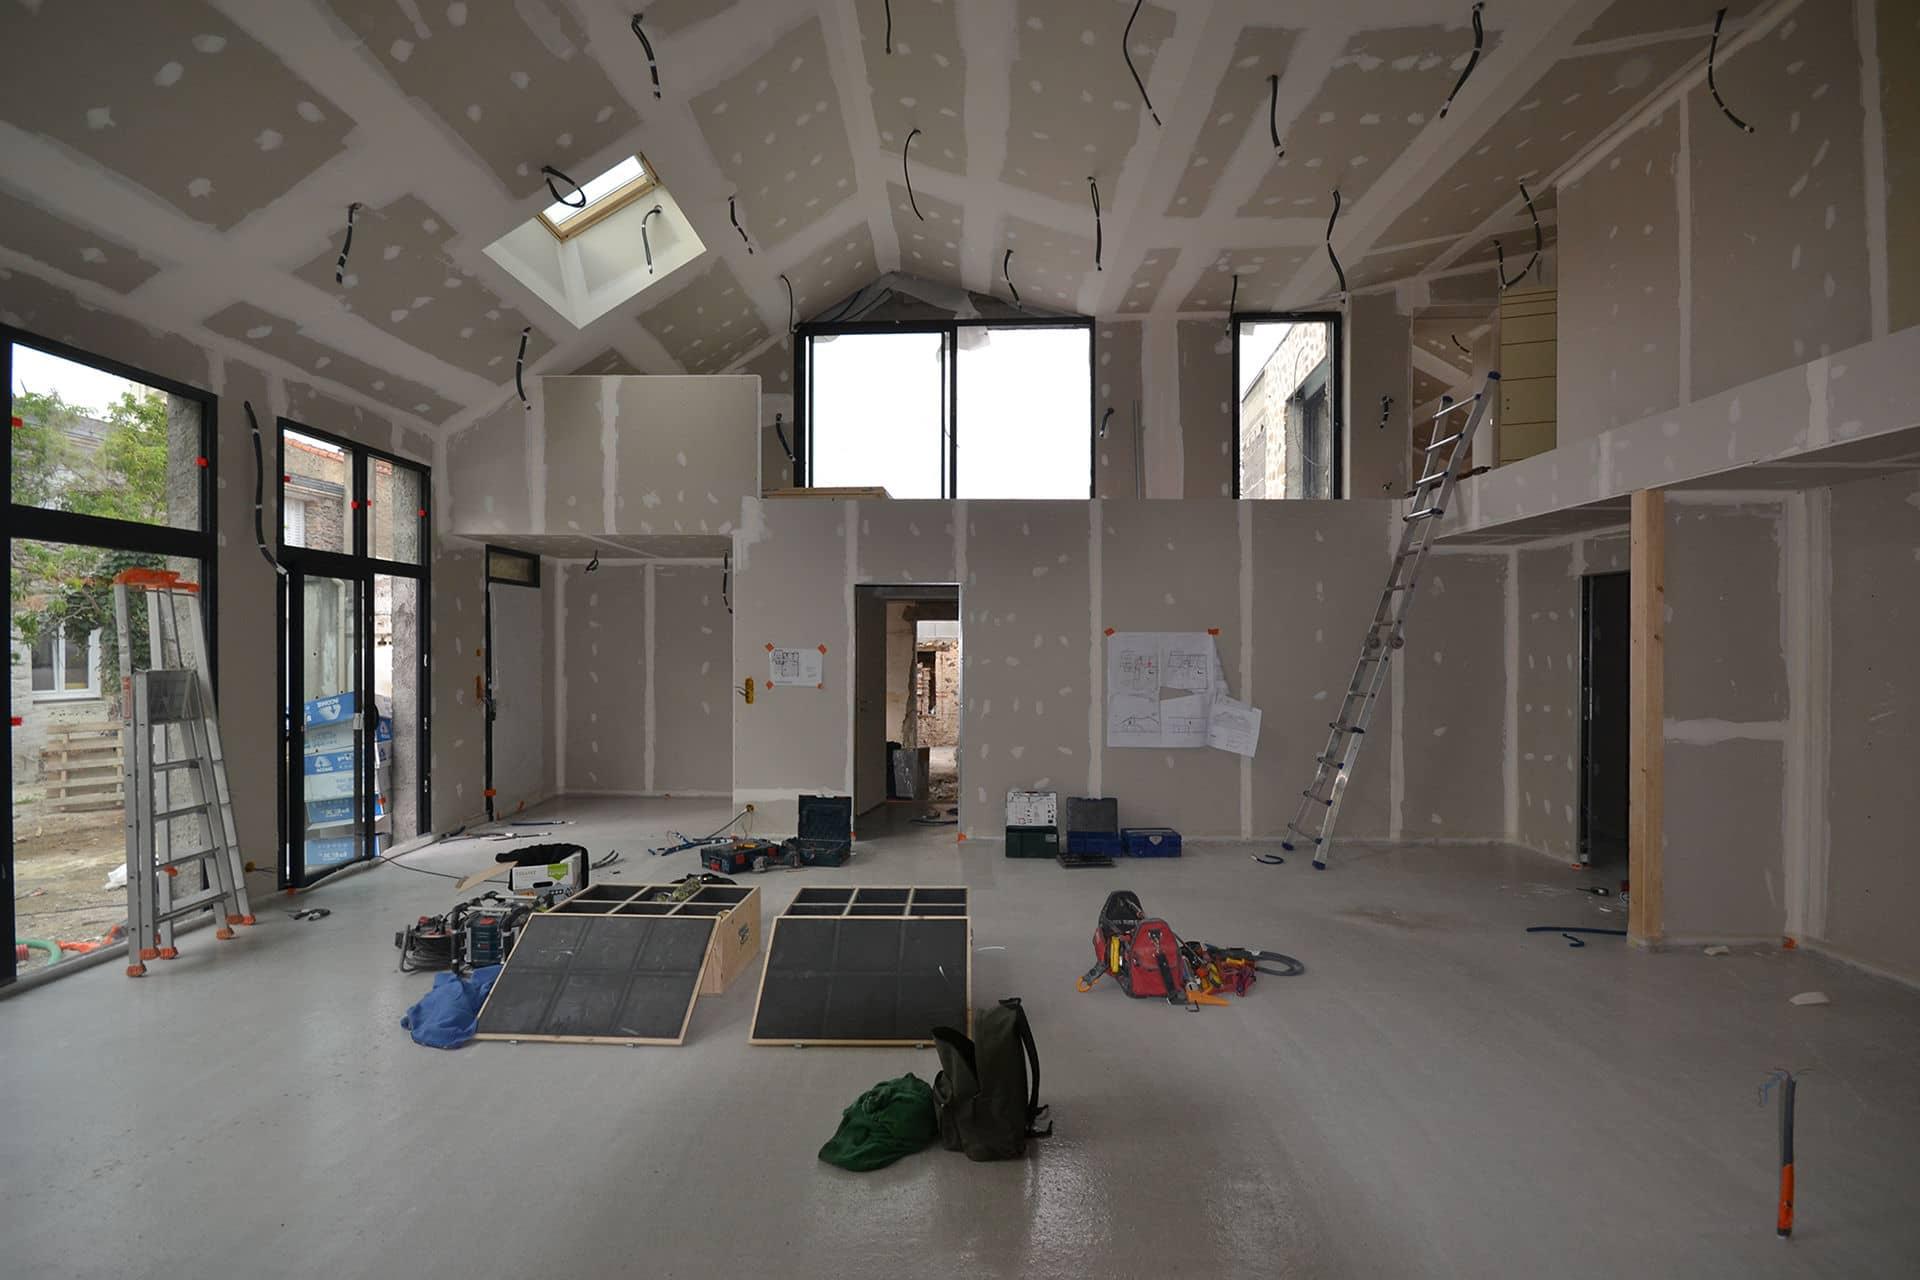 loft saint colomban chantier 1 - Loft dans une ancienne forge à Saint Colomban, proche de Nantes (44)